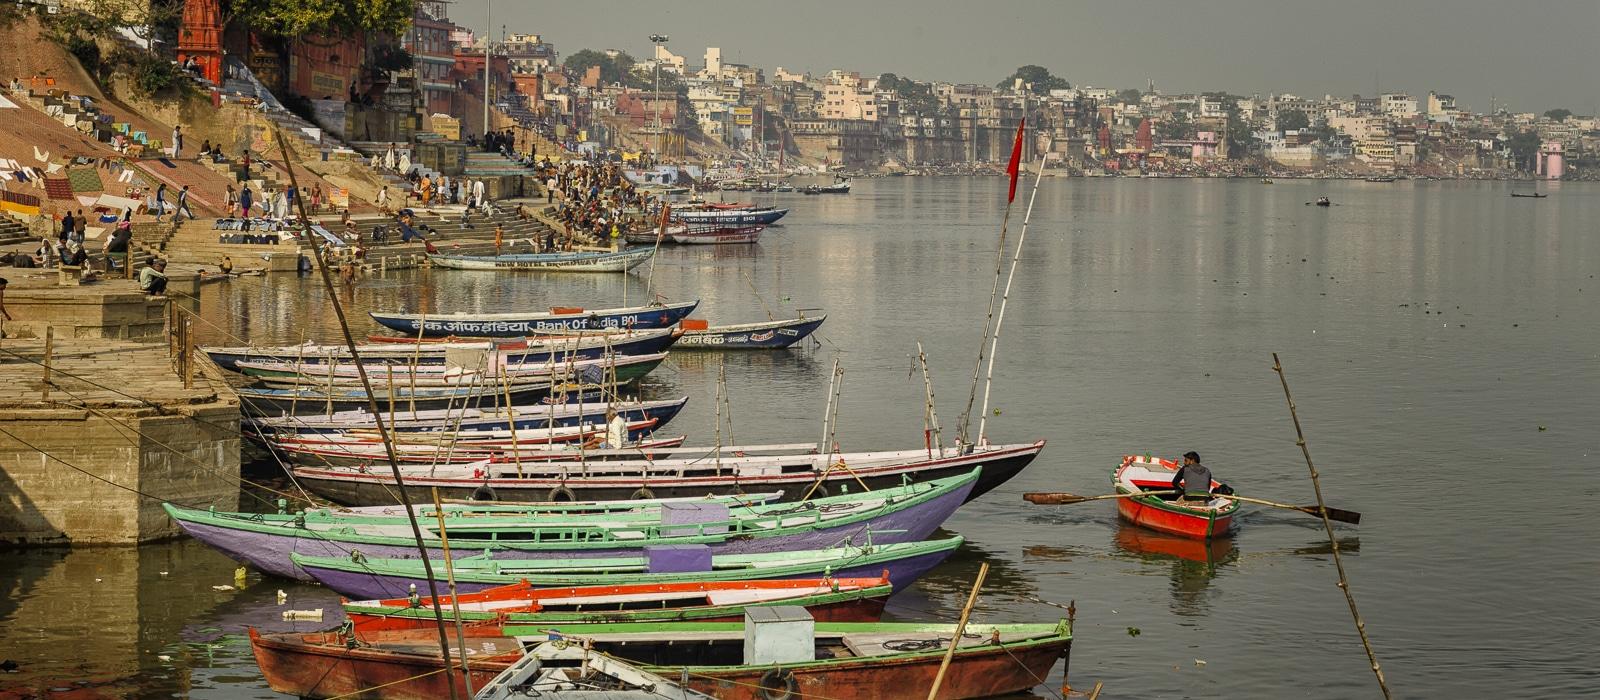 Varanasi, inde - Les Routes du Monde